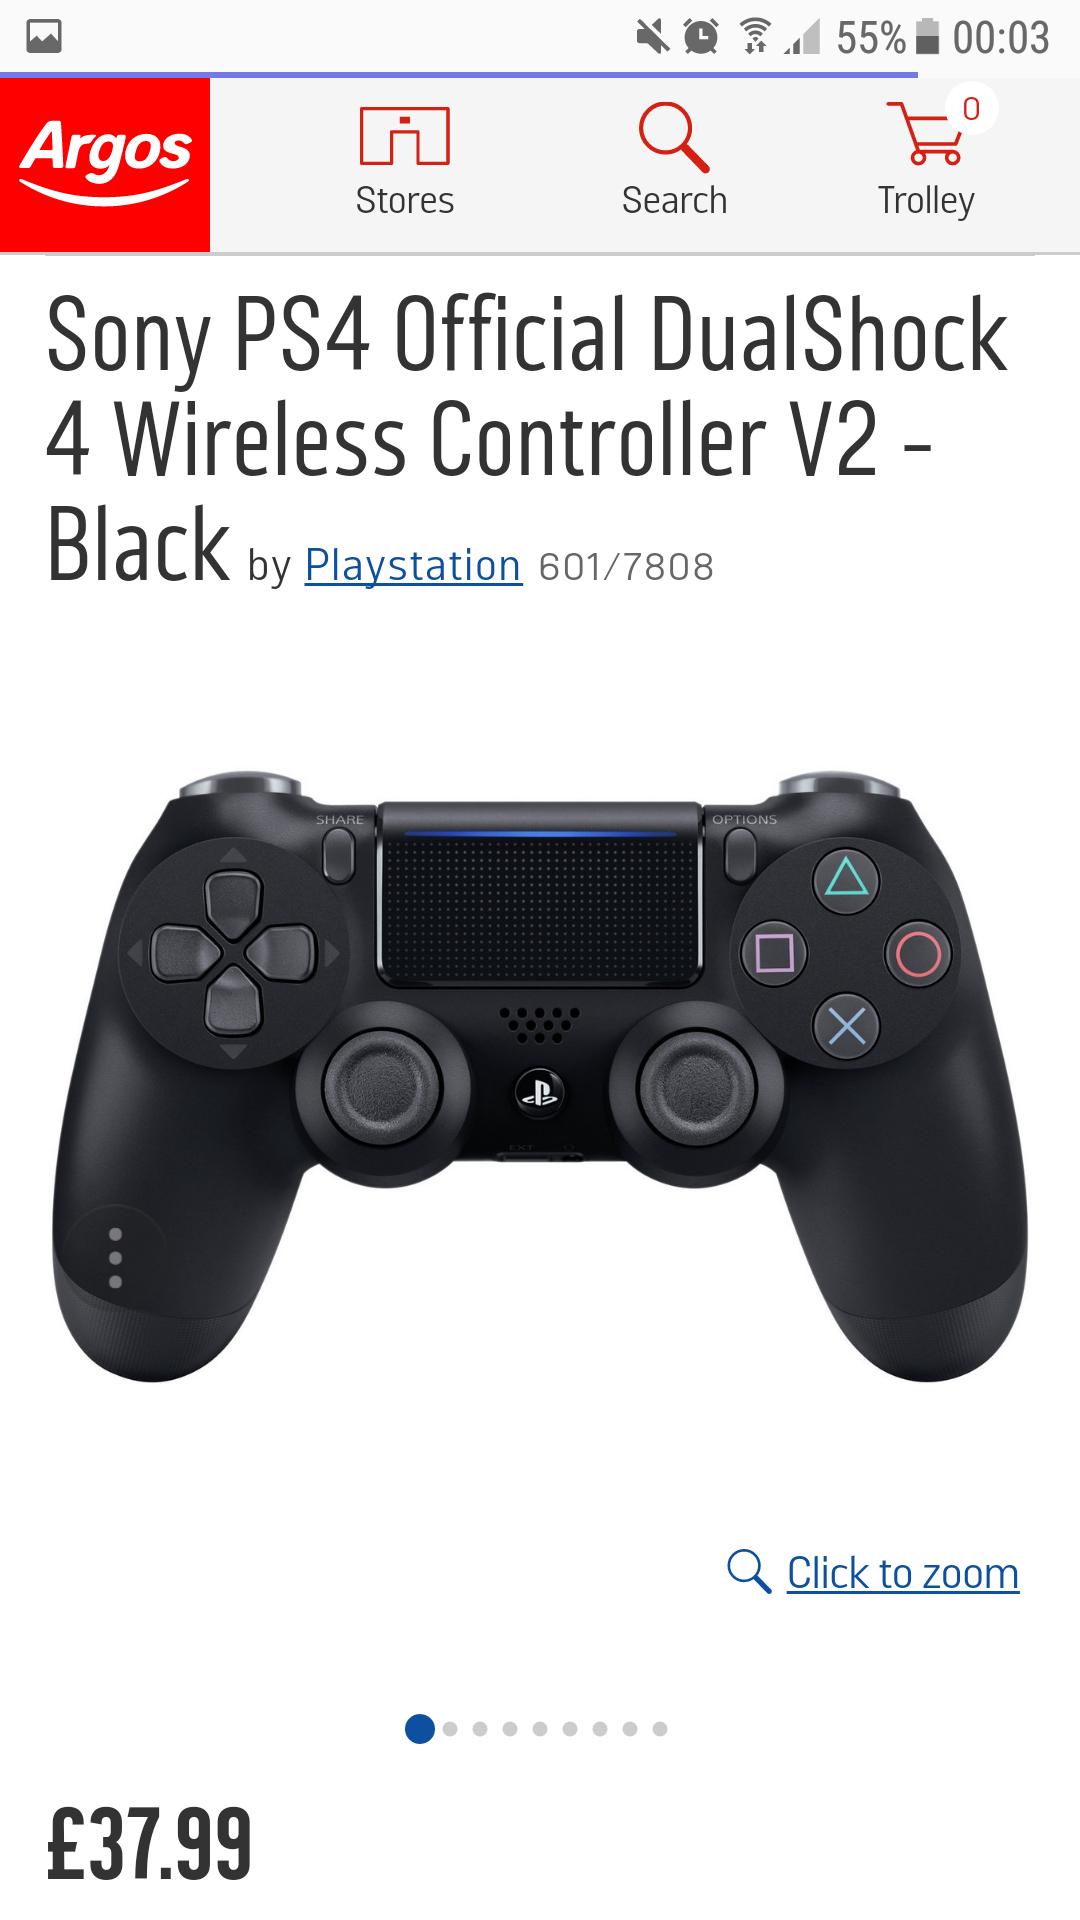 PS4 Dual shock 4 controller £37.99 @ Argos